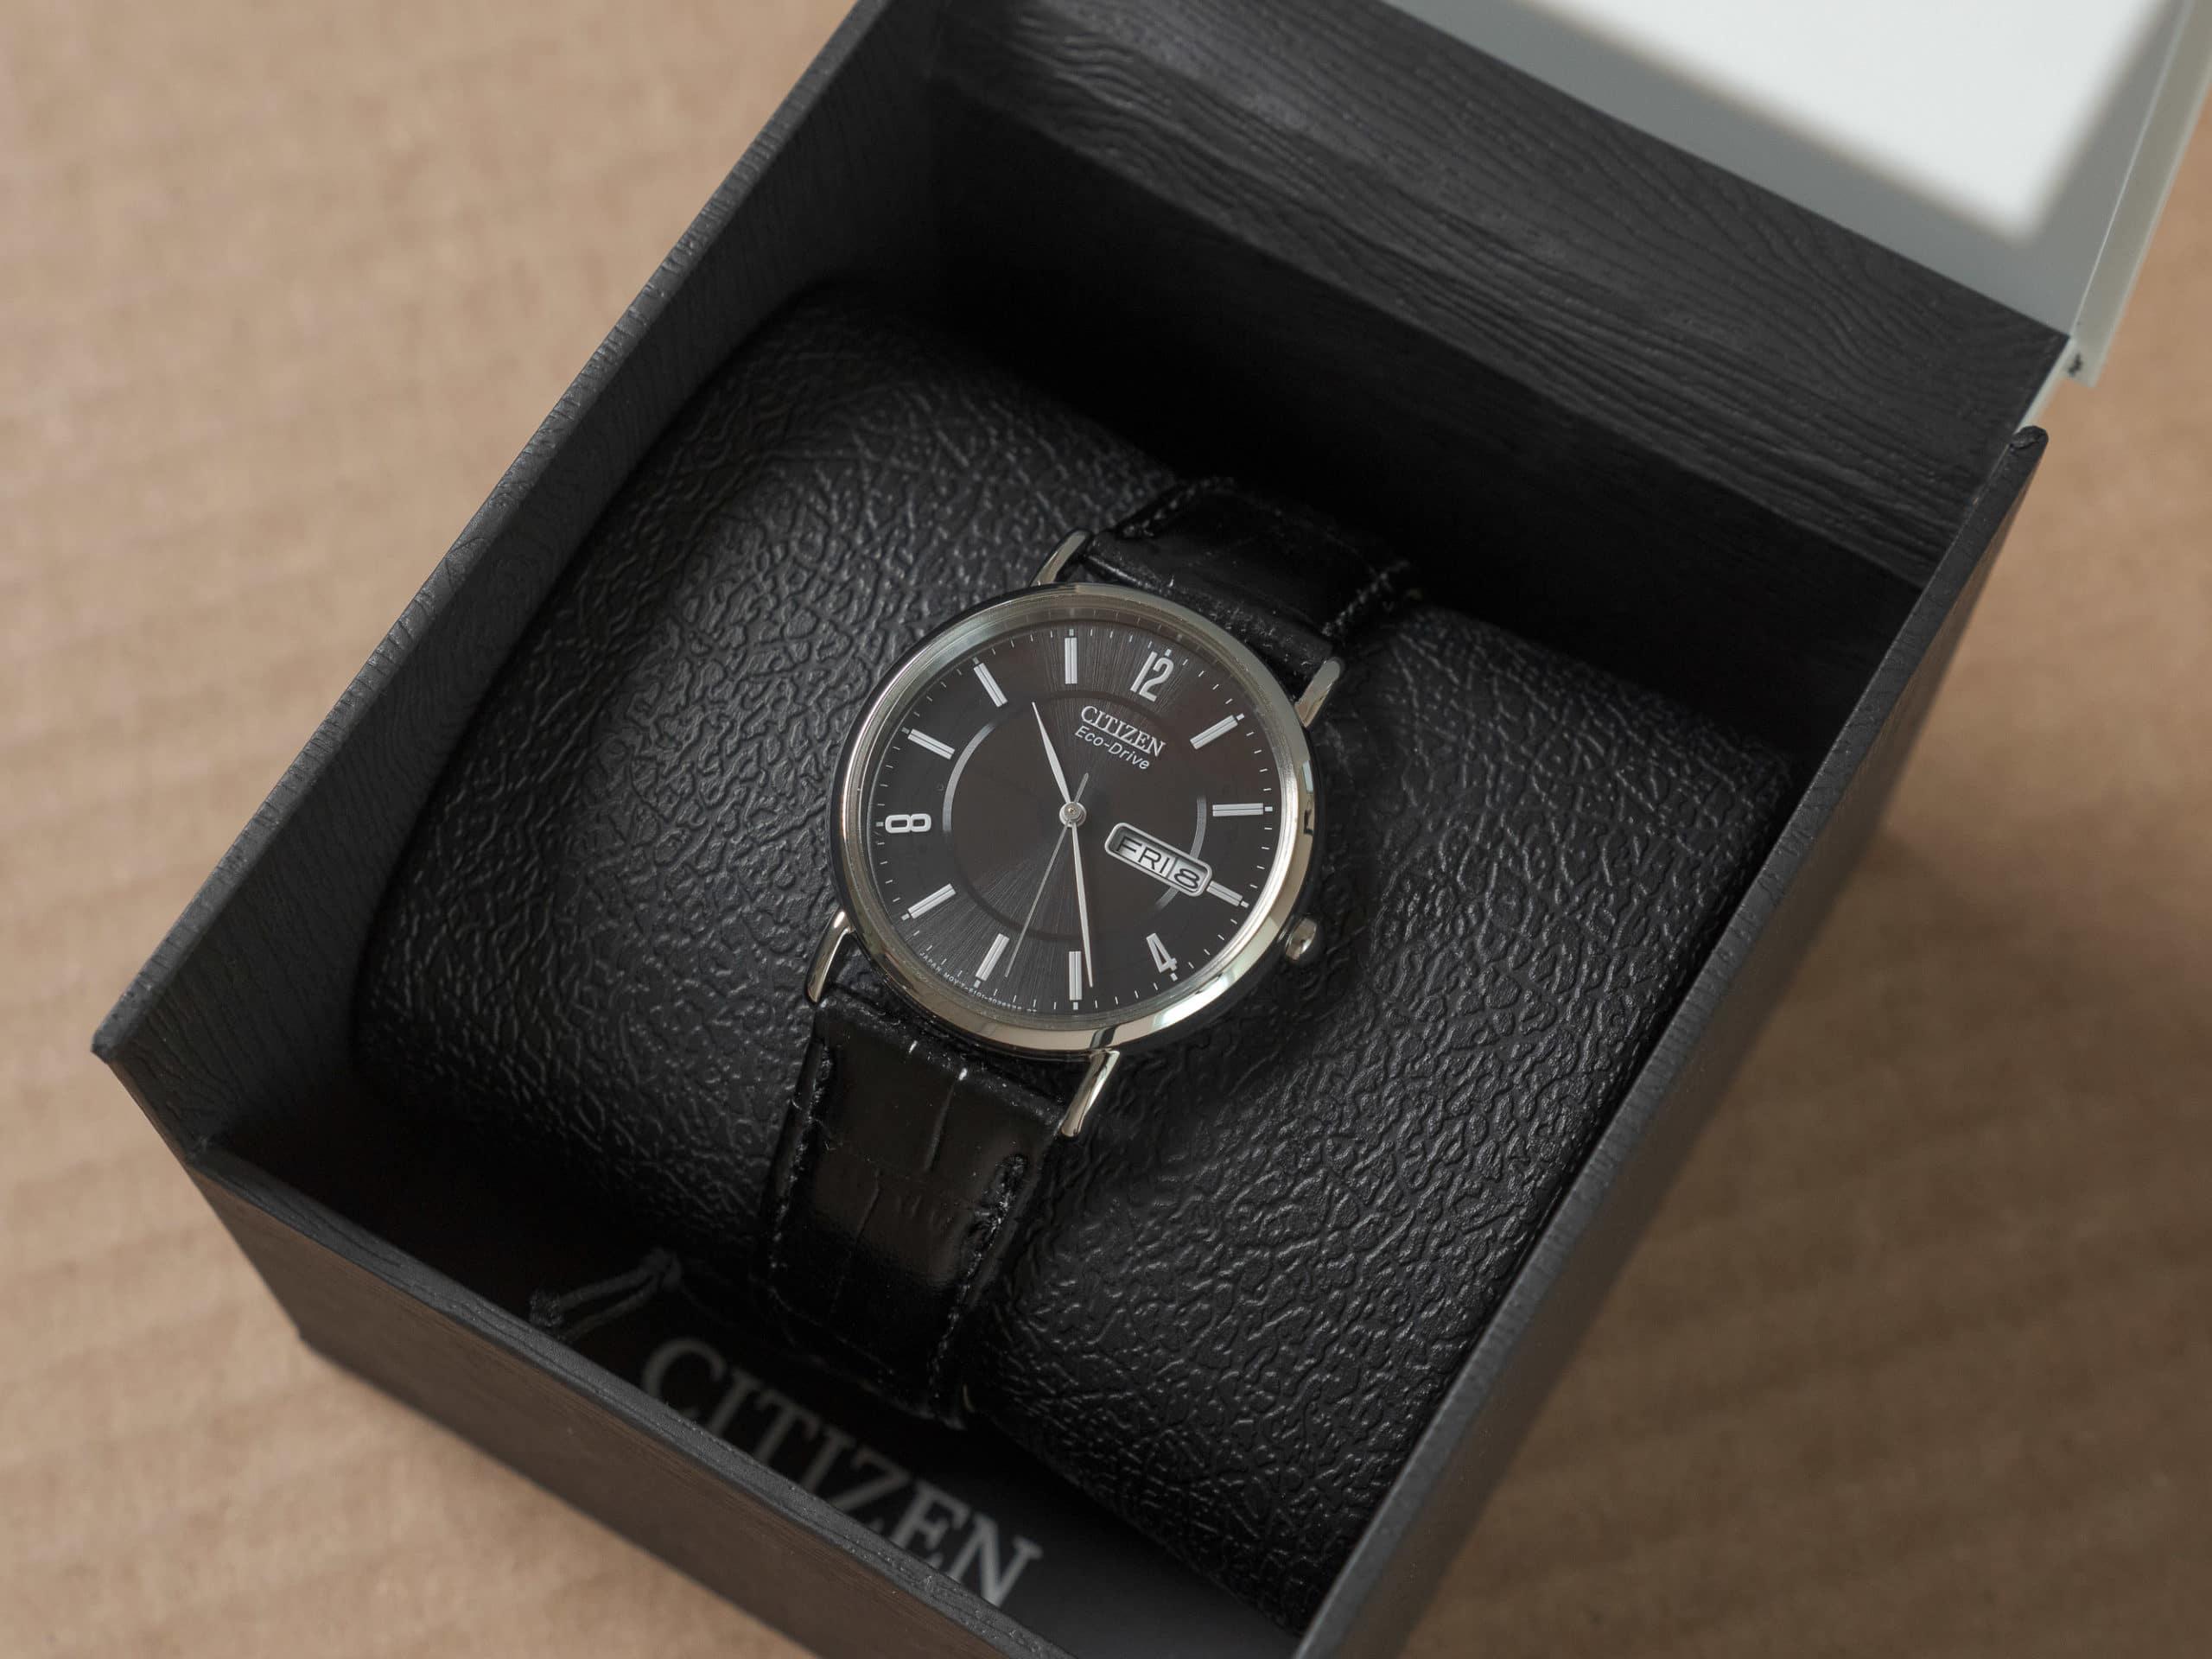 Citizen BM8240 03E in box